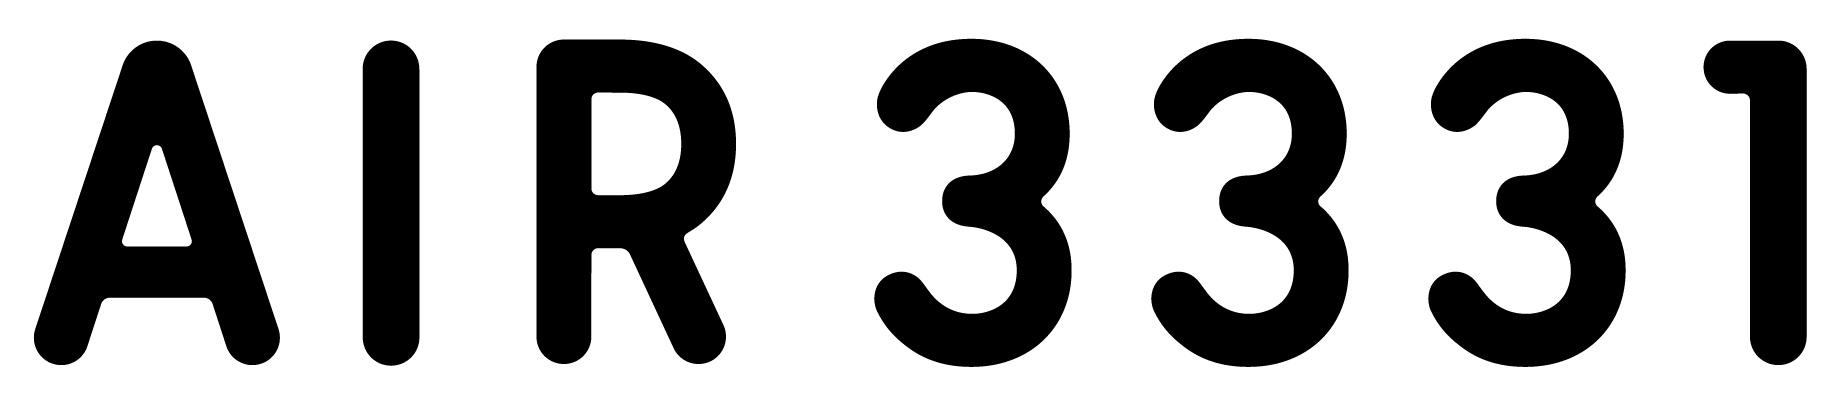 AIR 3331